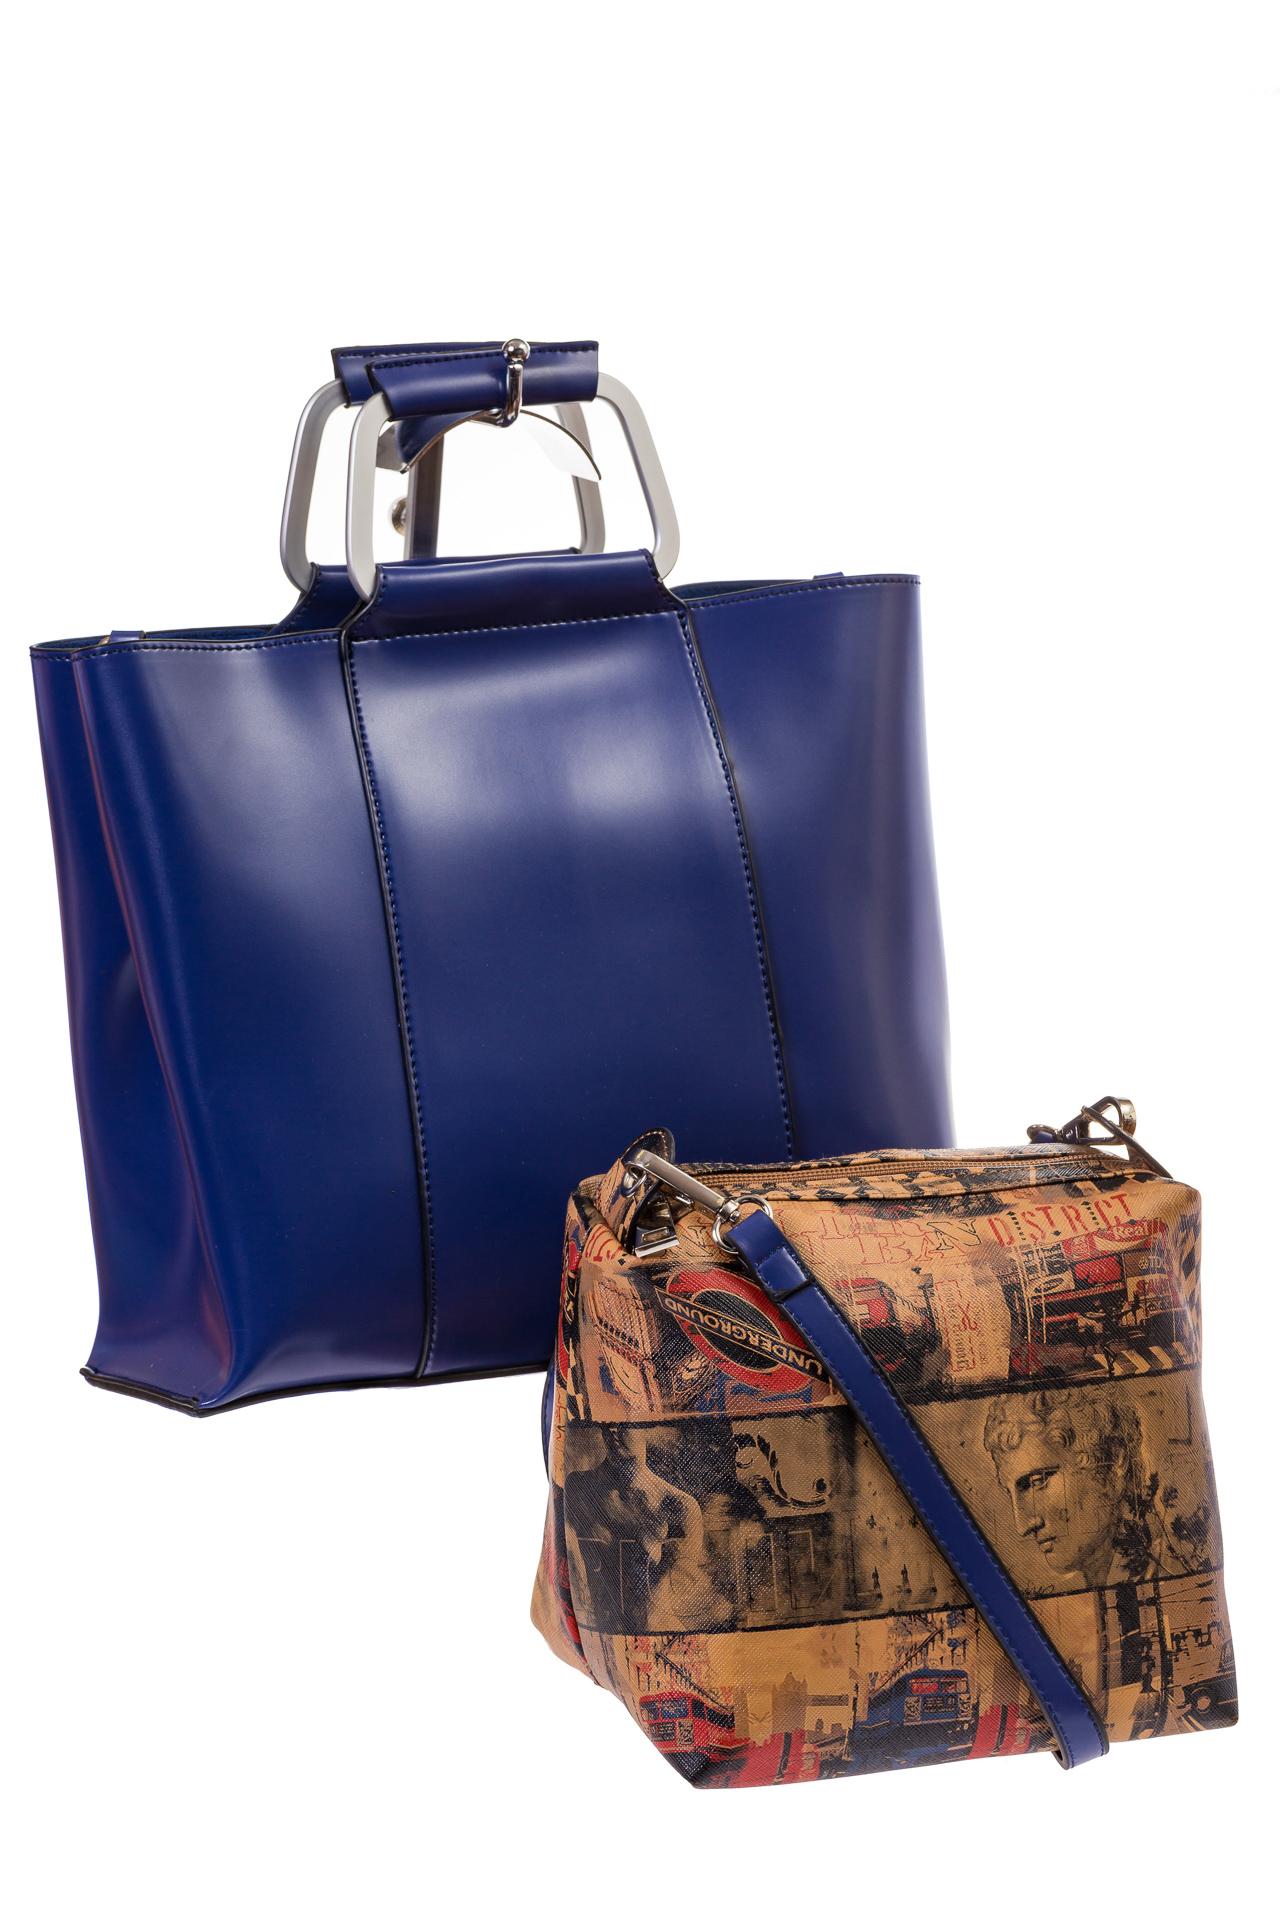 Синяя Satchel bag из искусственной кожи, текстильная косметичка в комплекте, фото